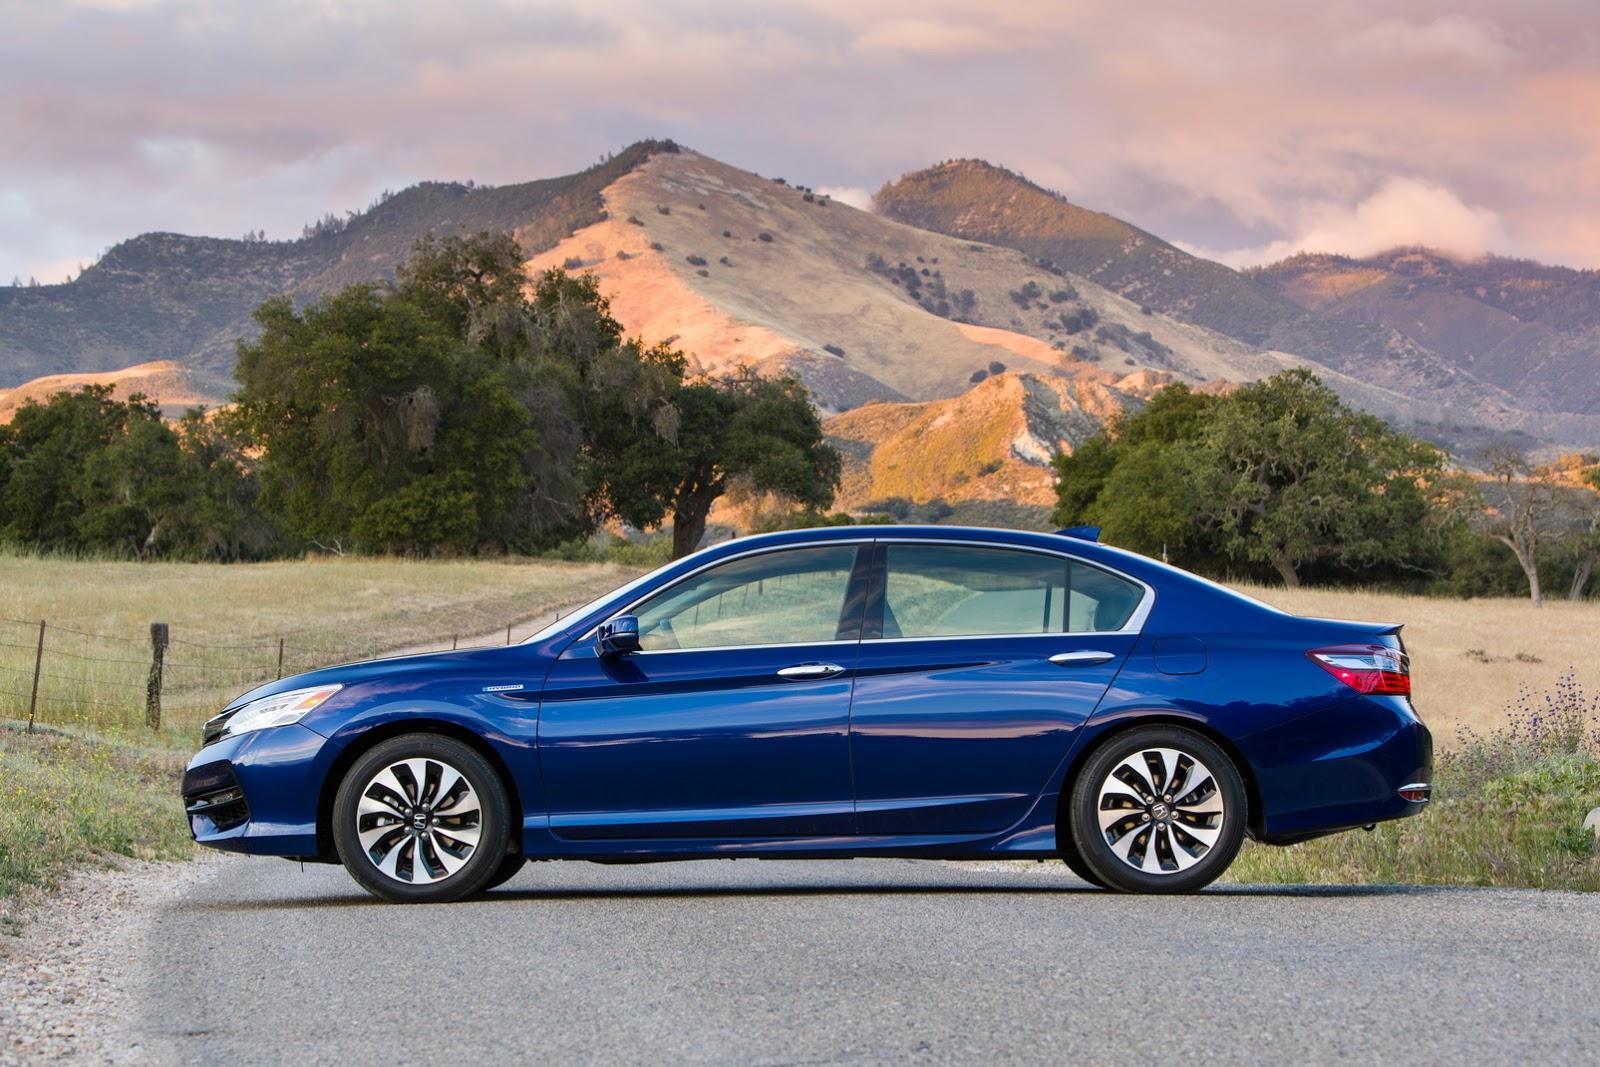 So với phiên bản 2016, Honda Accord Hybrid mới mạnh mẽ và tiết kiệm nhiên liệu hơn. Ngoài ra, Honda Accord Hybrid 2017 còn thay đổi về thiết kế và công nghệ an toàn tiên tiến hơn.